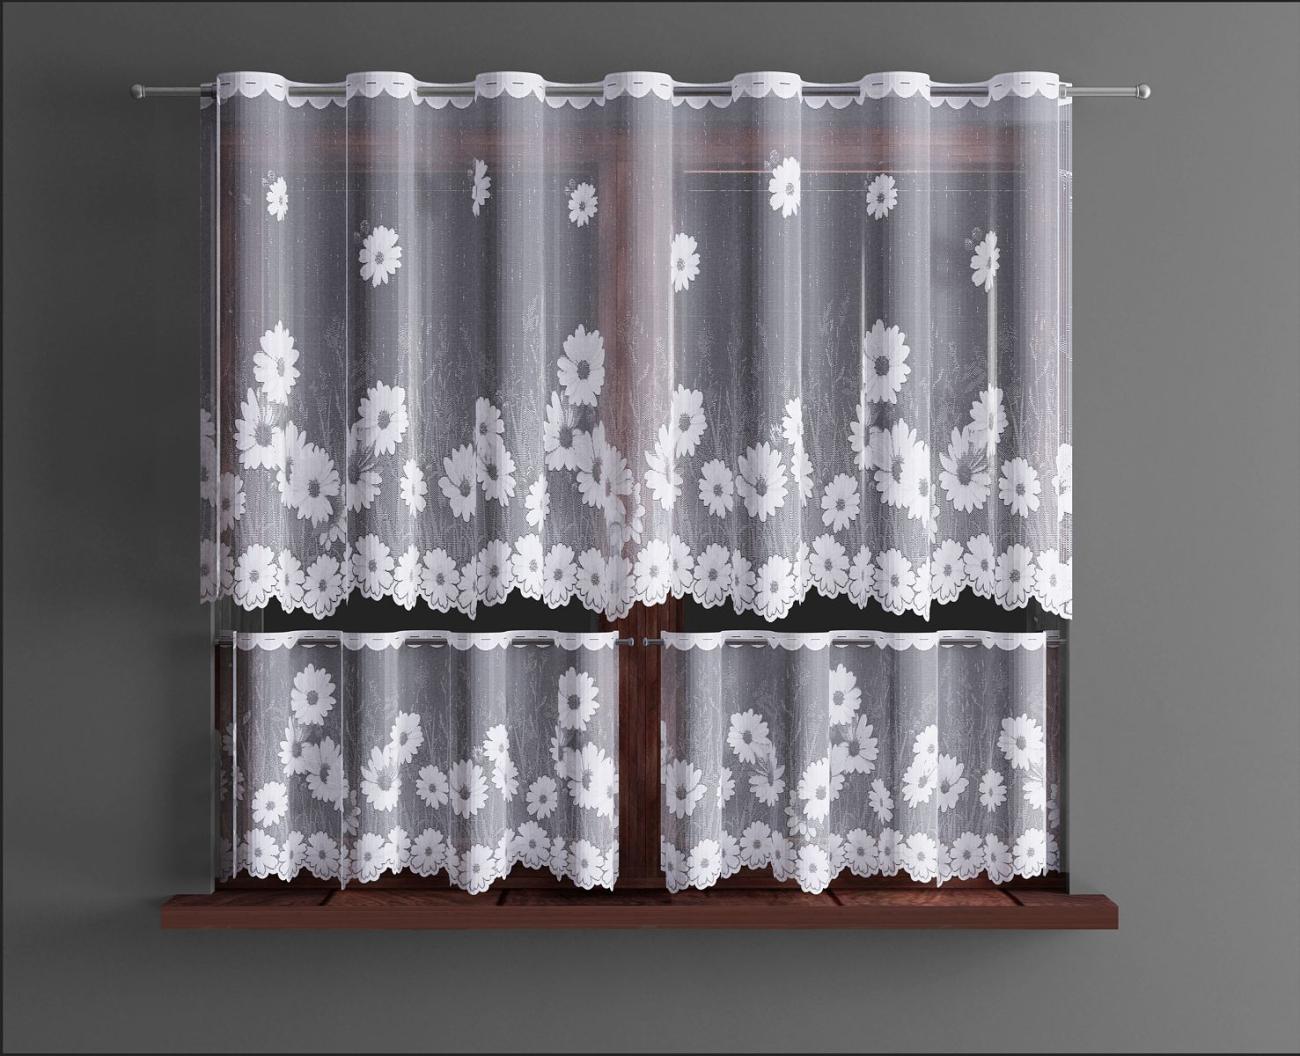 Gerbera, vitrážová záclona